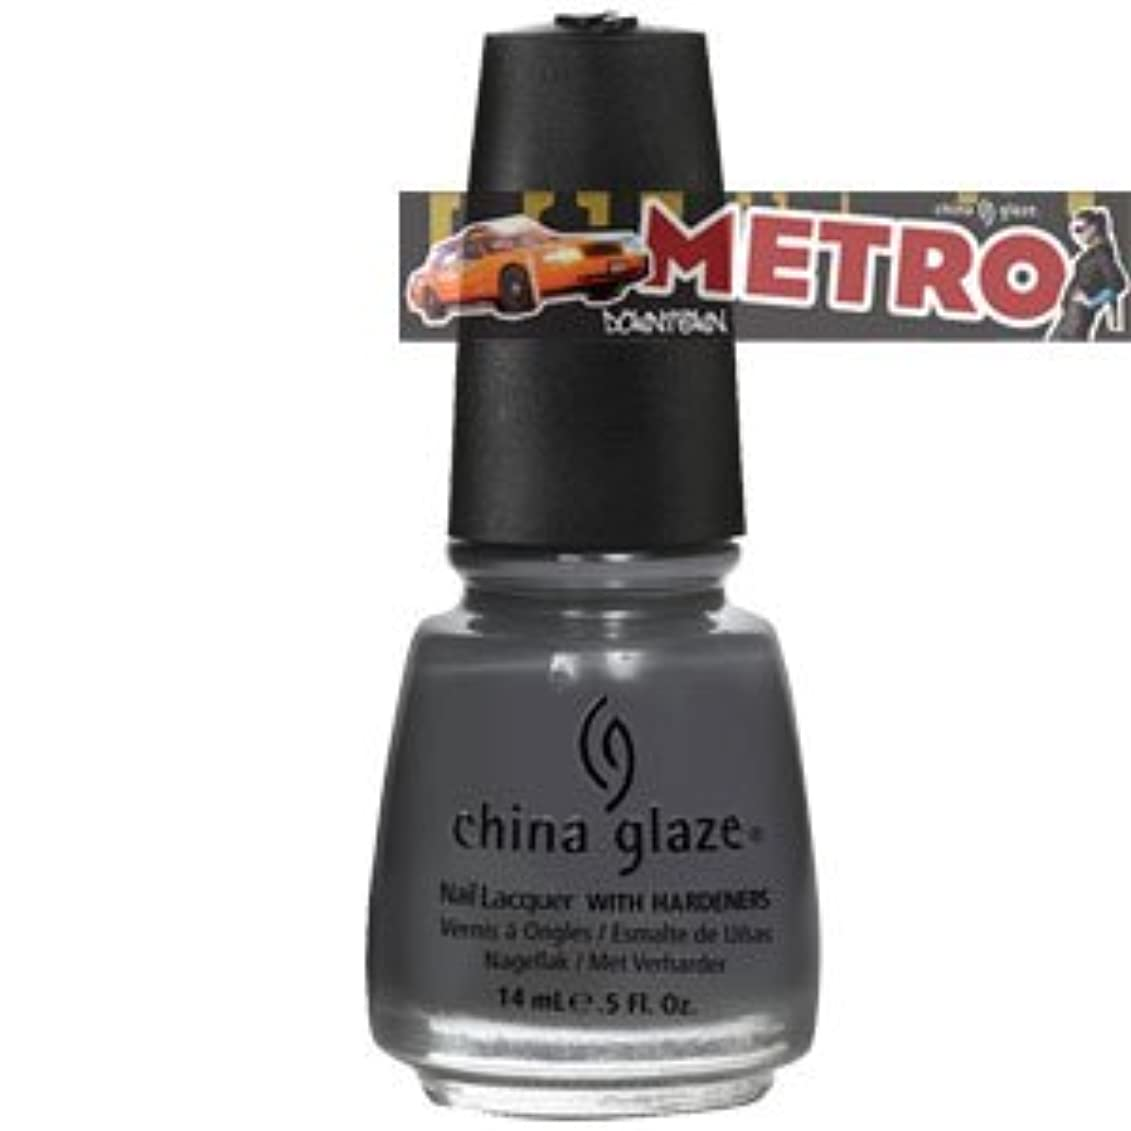 文明化サイドボードグループ(チャイナグレイズ)China Glaze メトロコレクション? Concrete Catwalk [海外直送品][並行輸入品]